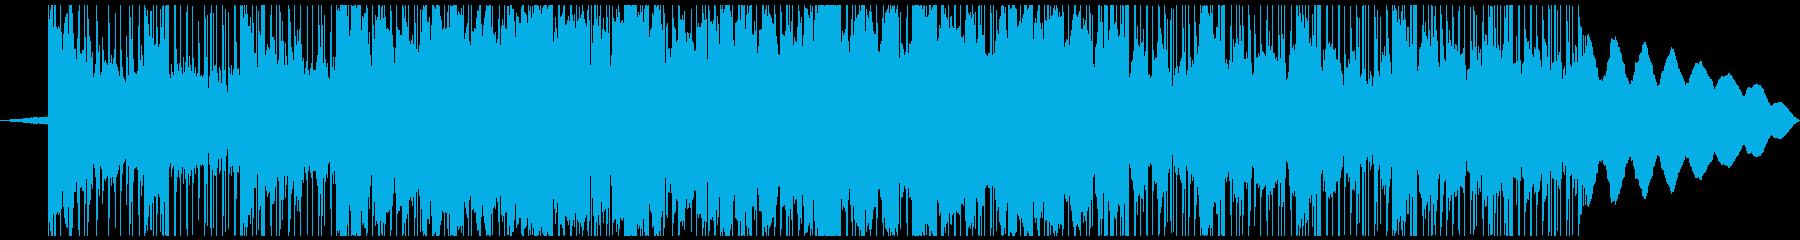 実験的な 淡々 テクノロジー シン...の再生済みの波形